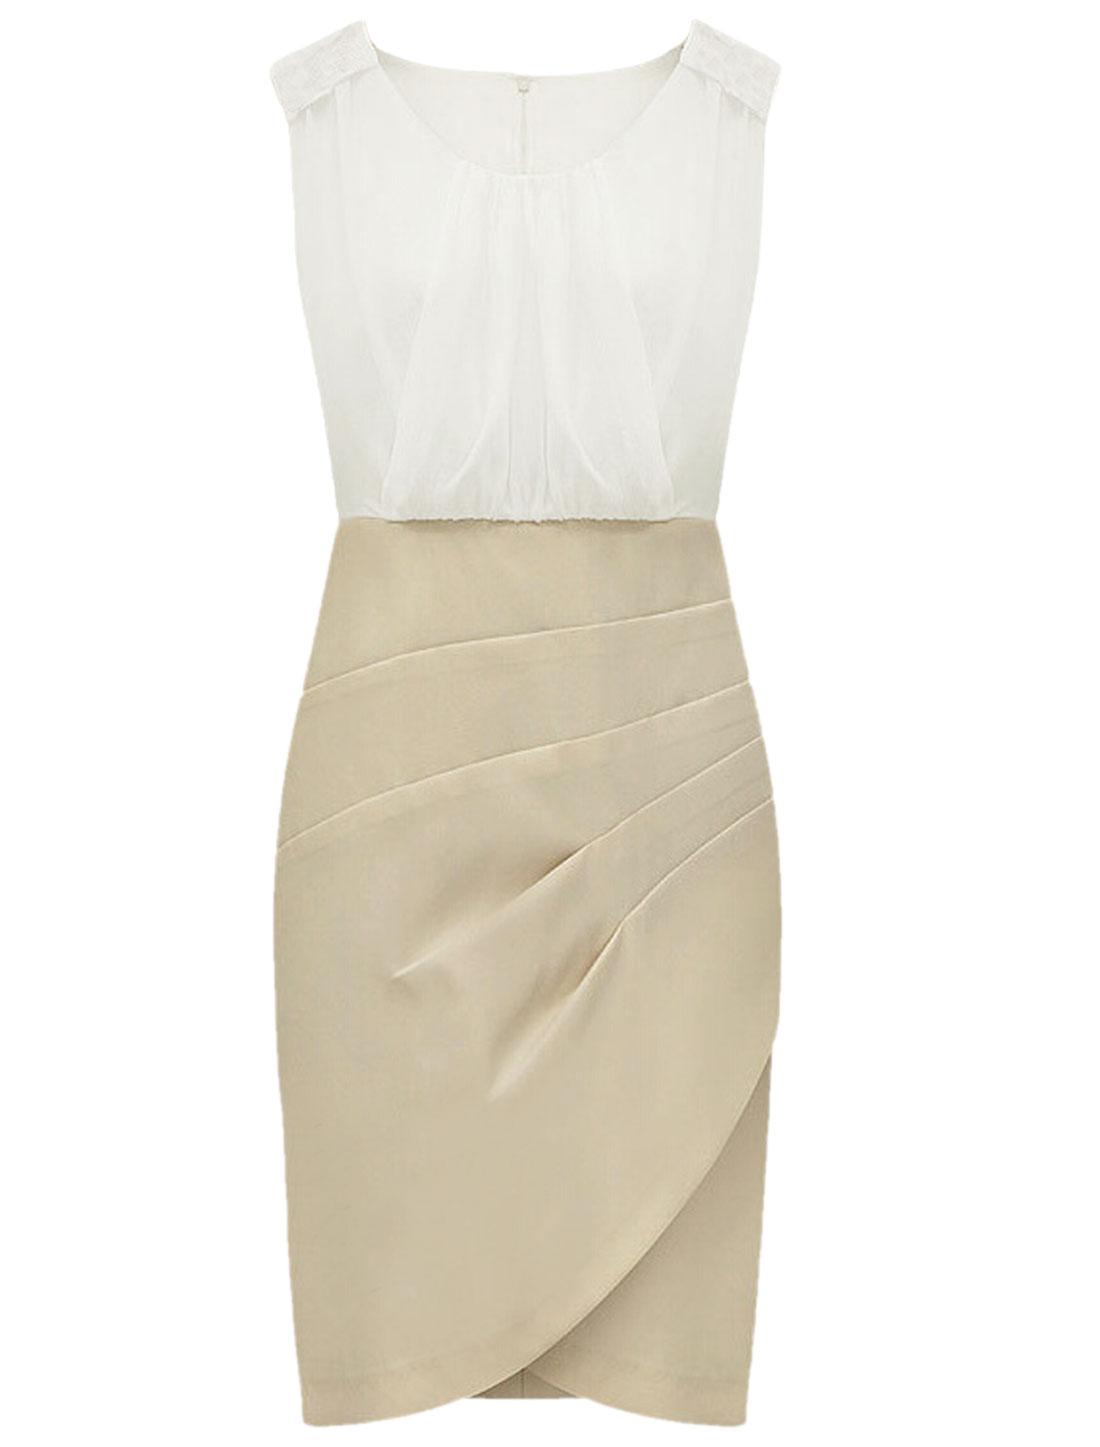 Women Round Neck Sleeveless Chiffon Panel Unlined Sheath Dress Khaki White S